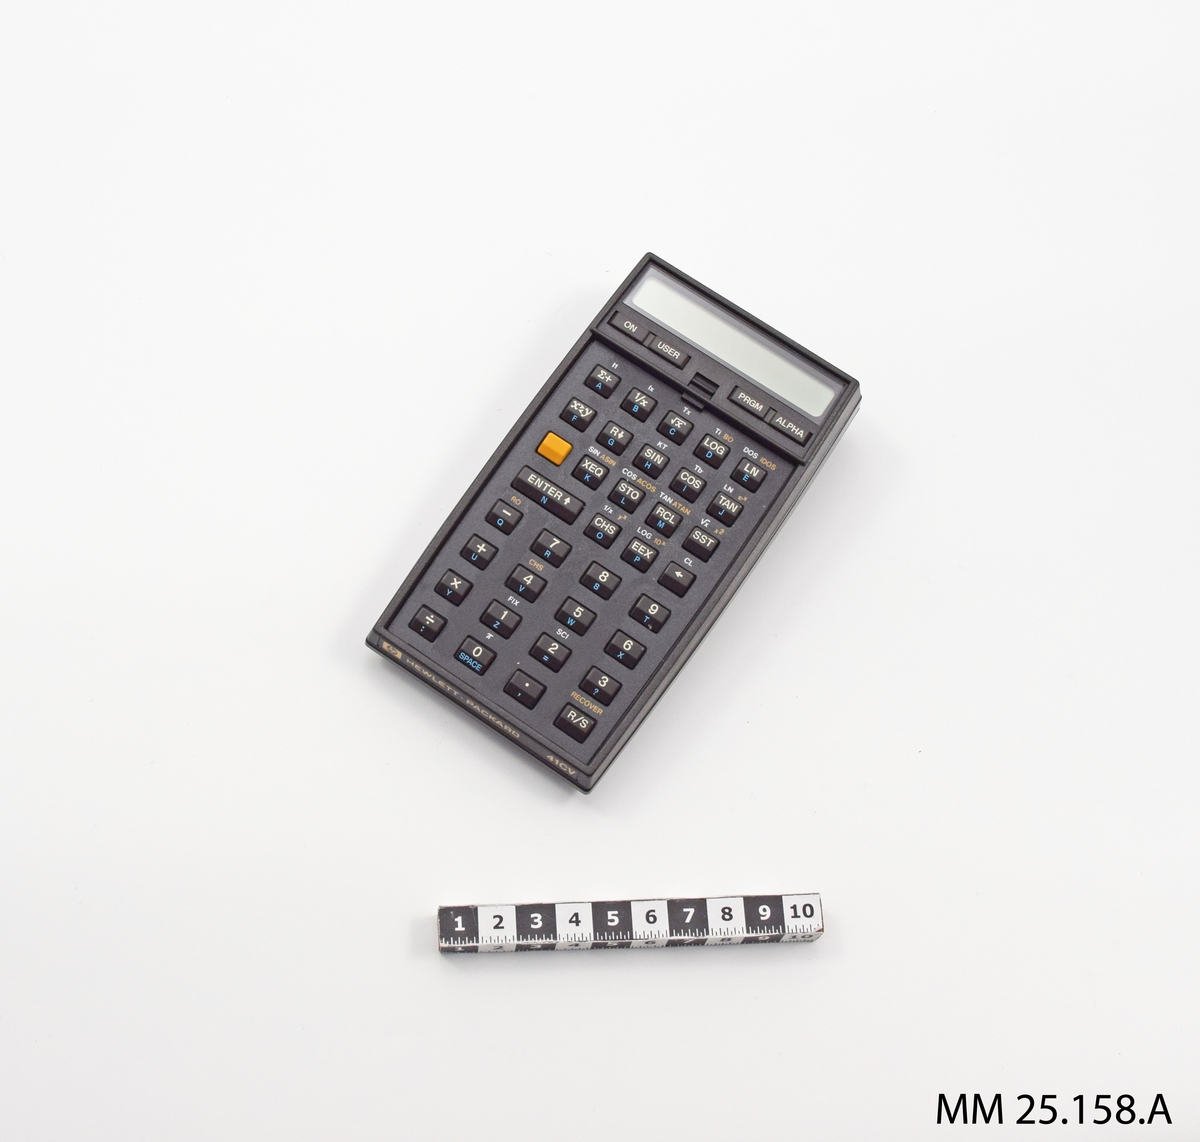 """Miniräknare i svart plasthölje. Högst upp finns en avlång display med plats för en text i en rad. Därunder en rad med fyra tangenter märkta: """"ON"""", """"USER"""", """"PRGM"""" och """"ALPHA"""". Under den översta knappraden finns en nedsänkning i plasten och däri sitter alla radiakräknedosans funktionstangenter. I de övre raderna tangenter för att välja matematiska funktioner som sinus, cosinus och så vidare. Nedre halvan har siffertangenter. På den nedre kortsidan text tryckt på plasten: """"hp HEWLETT PACKARD 41CV"""". Övre kortsidan märkt """"RADIAK"""". På baksidan av radiakräknedosan finns tryckt i brandgult en översättningsnyckel för vilka bokstäver varje knapp motsvara om operatören vill skriva in text. Däröver finns ett klistermärke som anger radiakräknedosans föråddsbeteckning och förrådsbenämning. I relief i övre högra hörnet finns text: """"SERIAL NO. 2906S20896""""."""